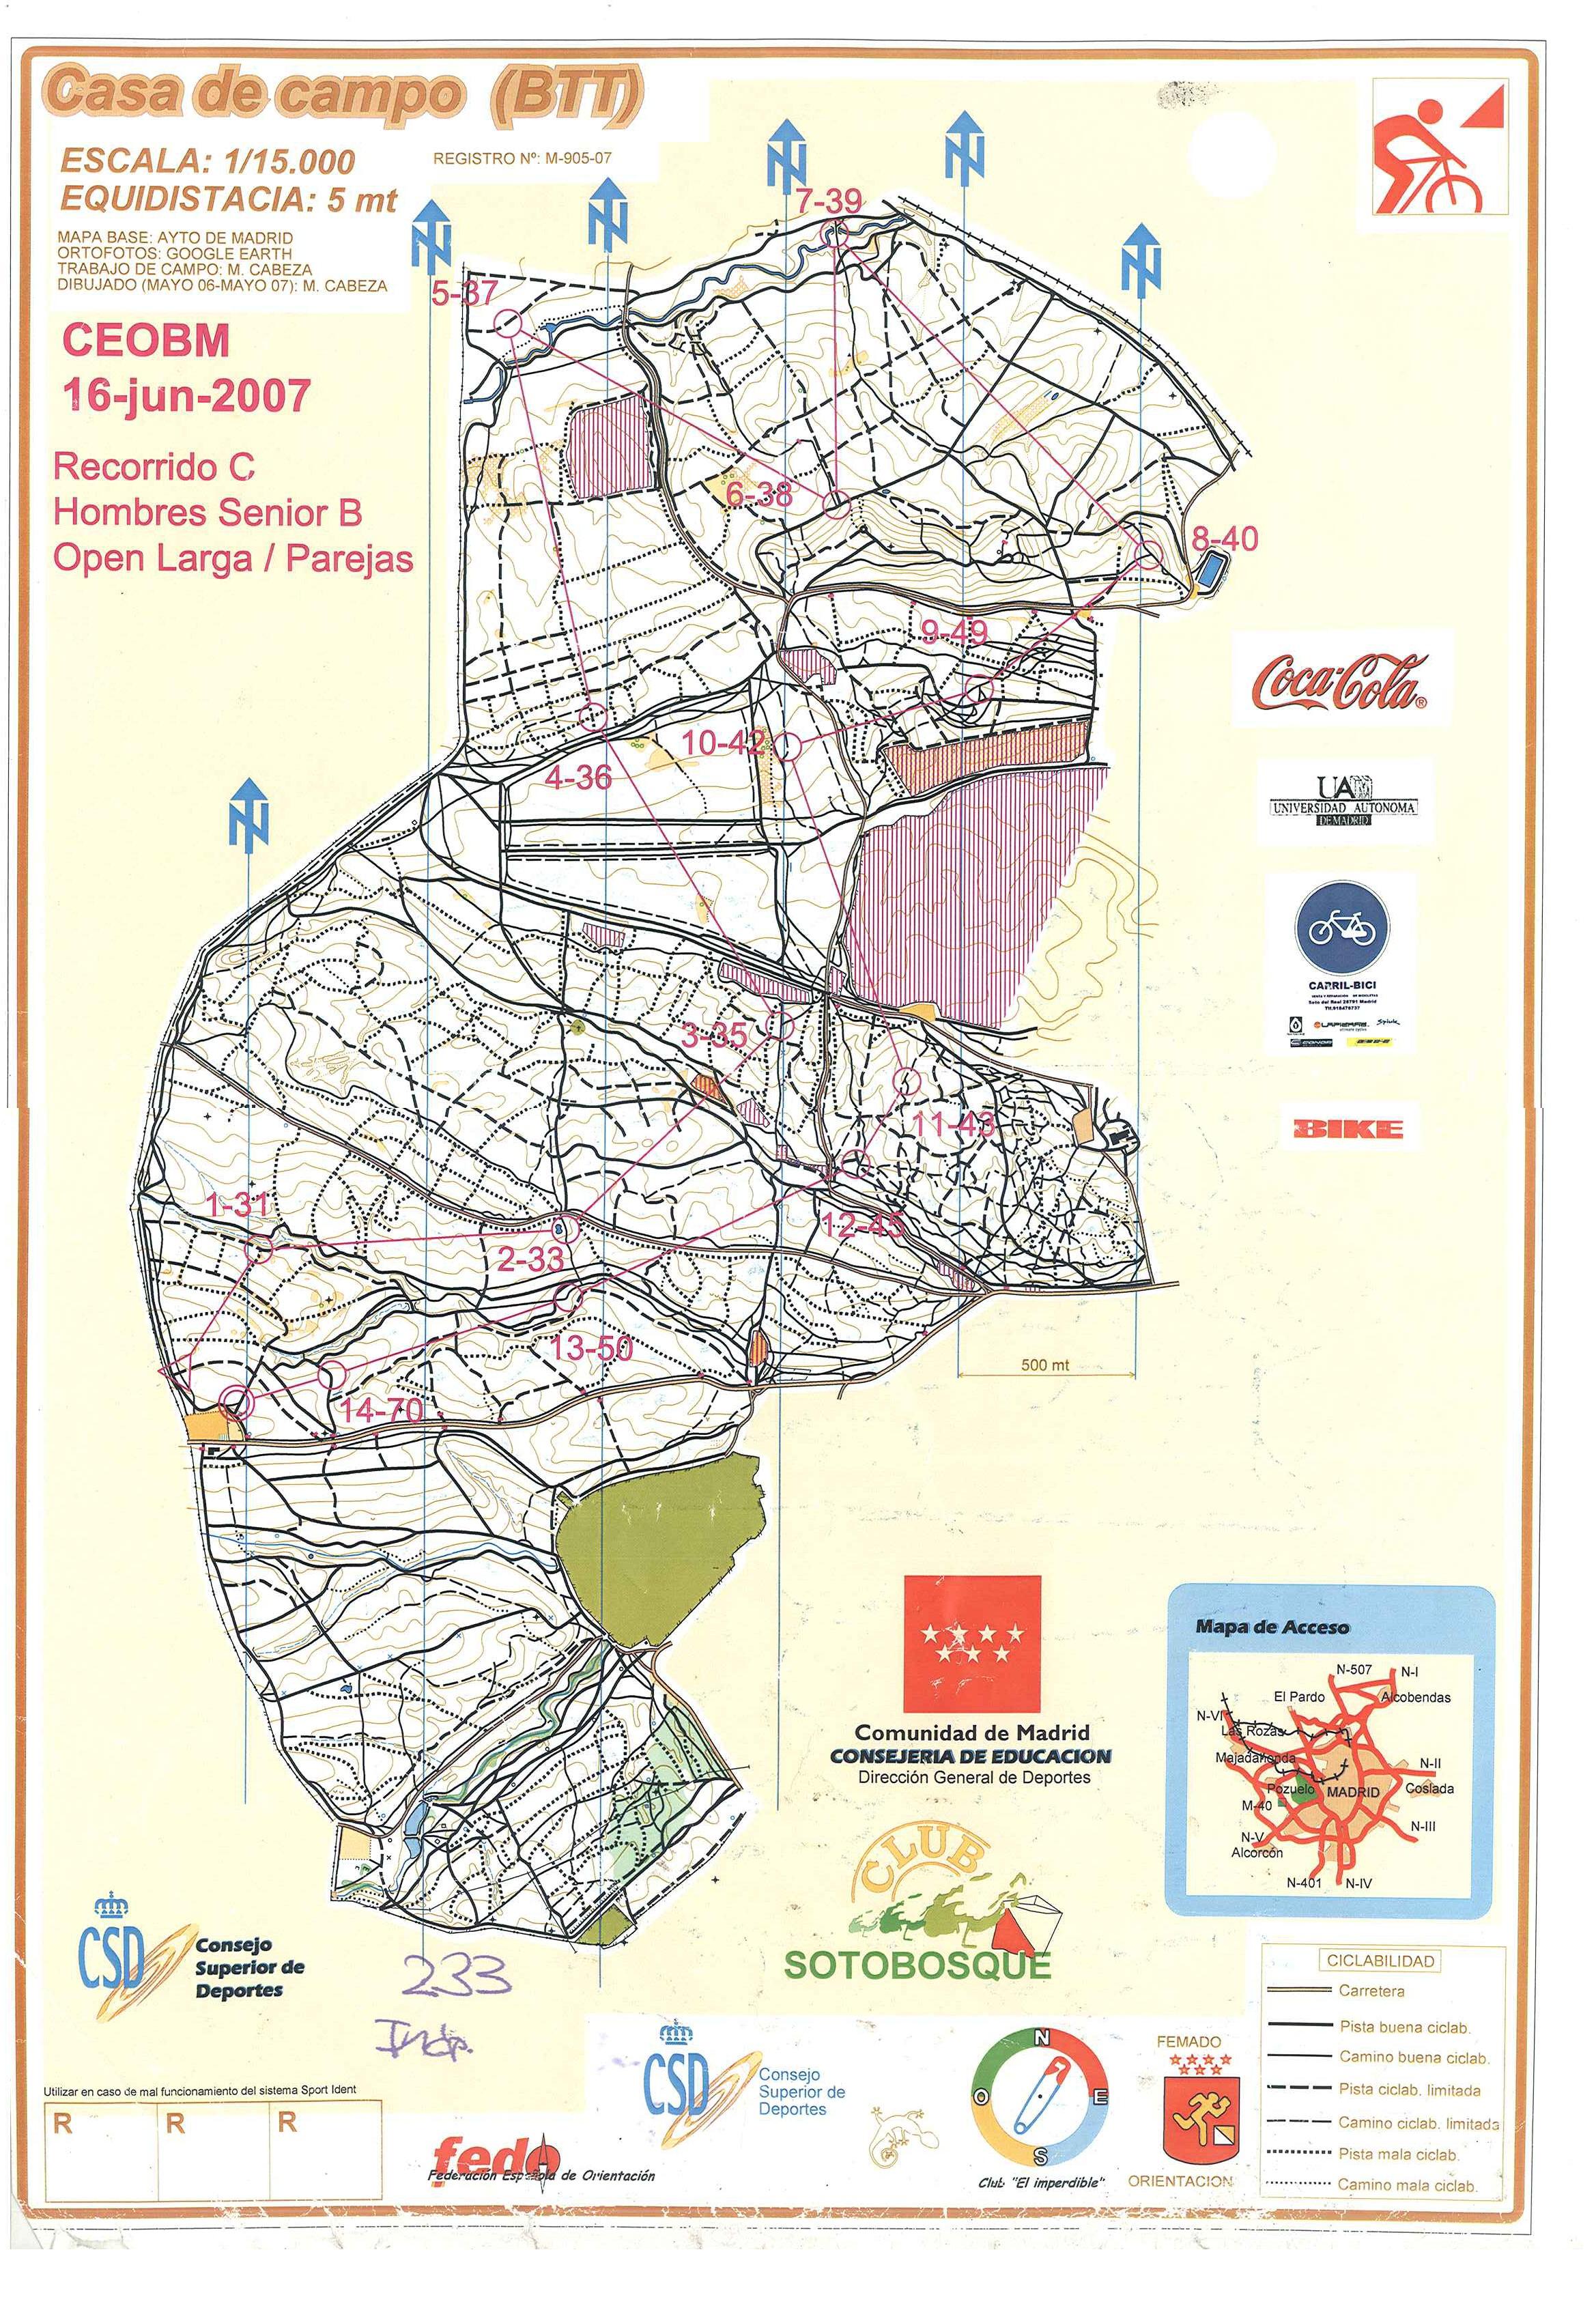 Carreras de orientaci n en bicicleta de monta a - Mapa de la casa de campo ...